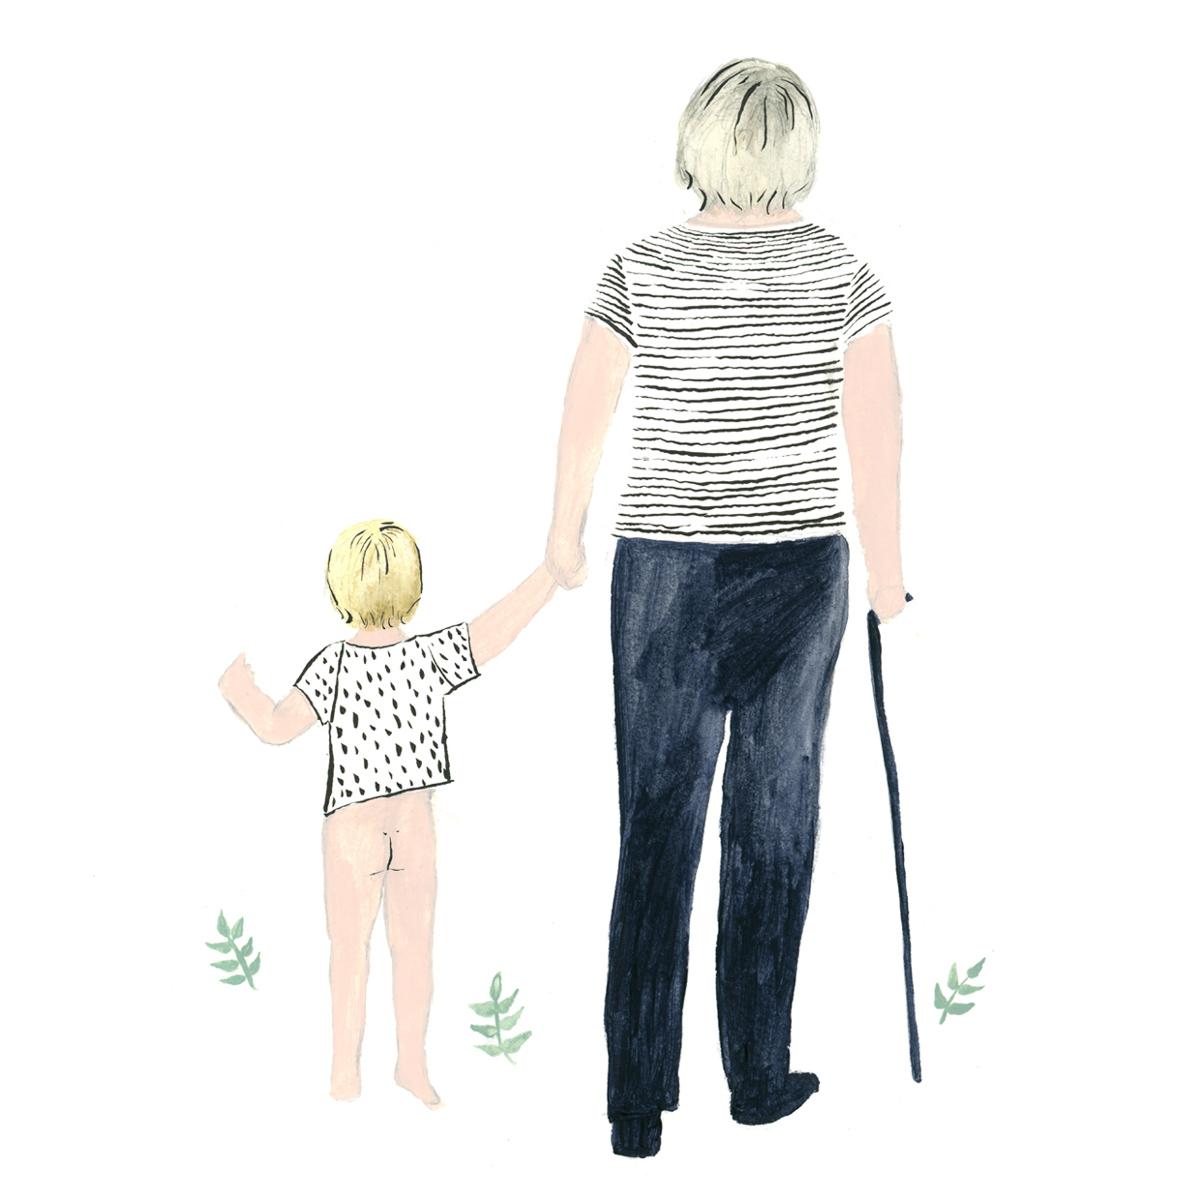 lacabanenvoyage-mensen-illustraties-tekeningen-12.jpg